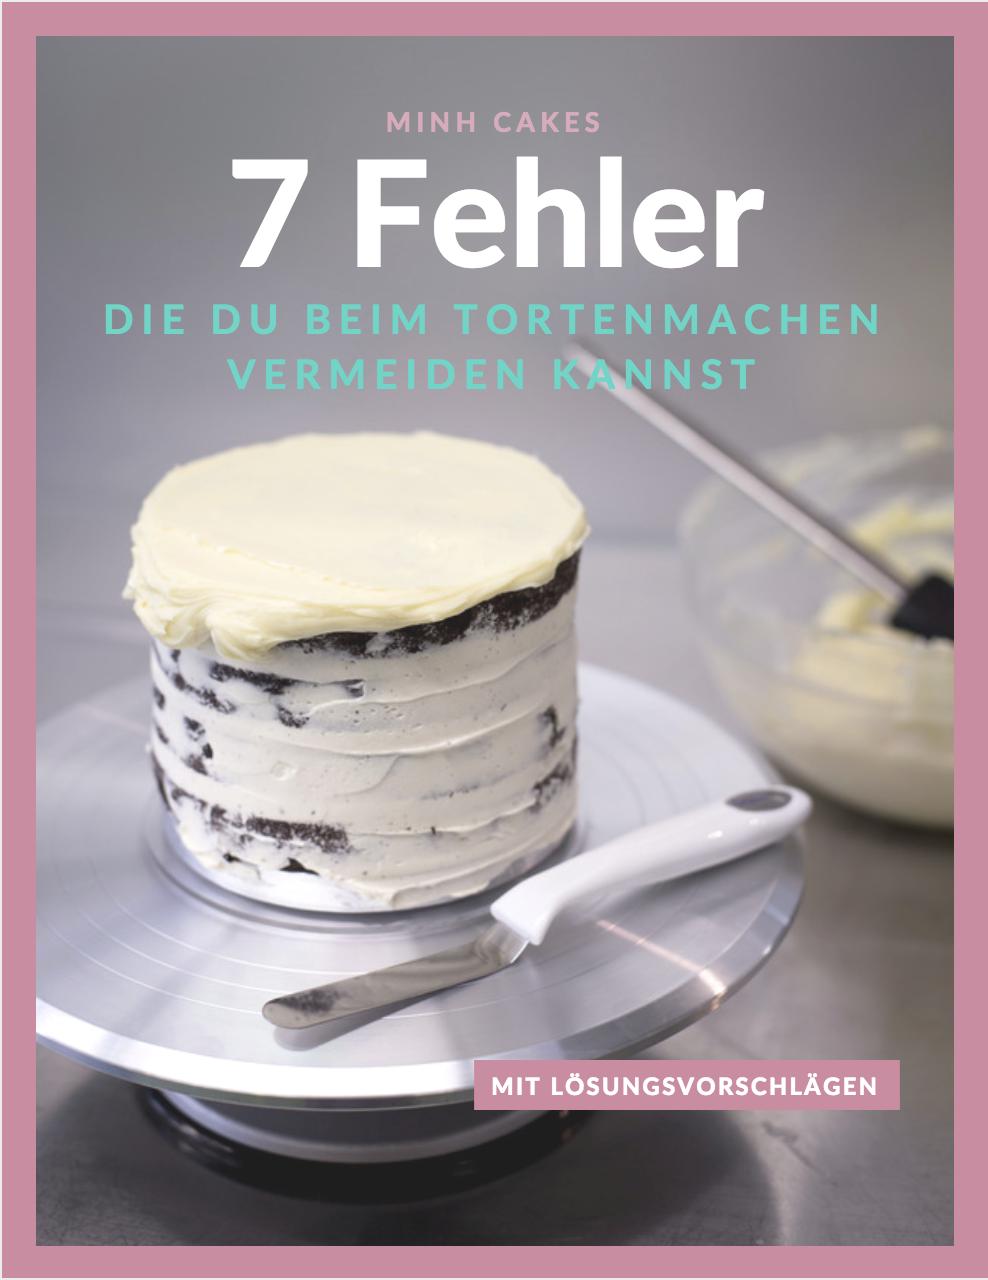 Weisse Drip Ganache, das beste Rezept – Minh Cakes Blog – Kuchen